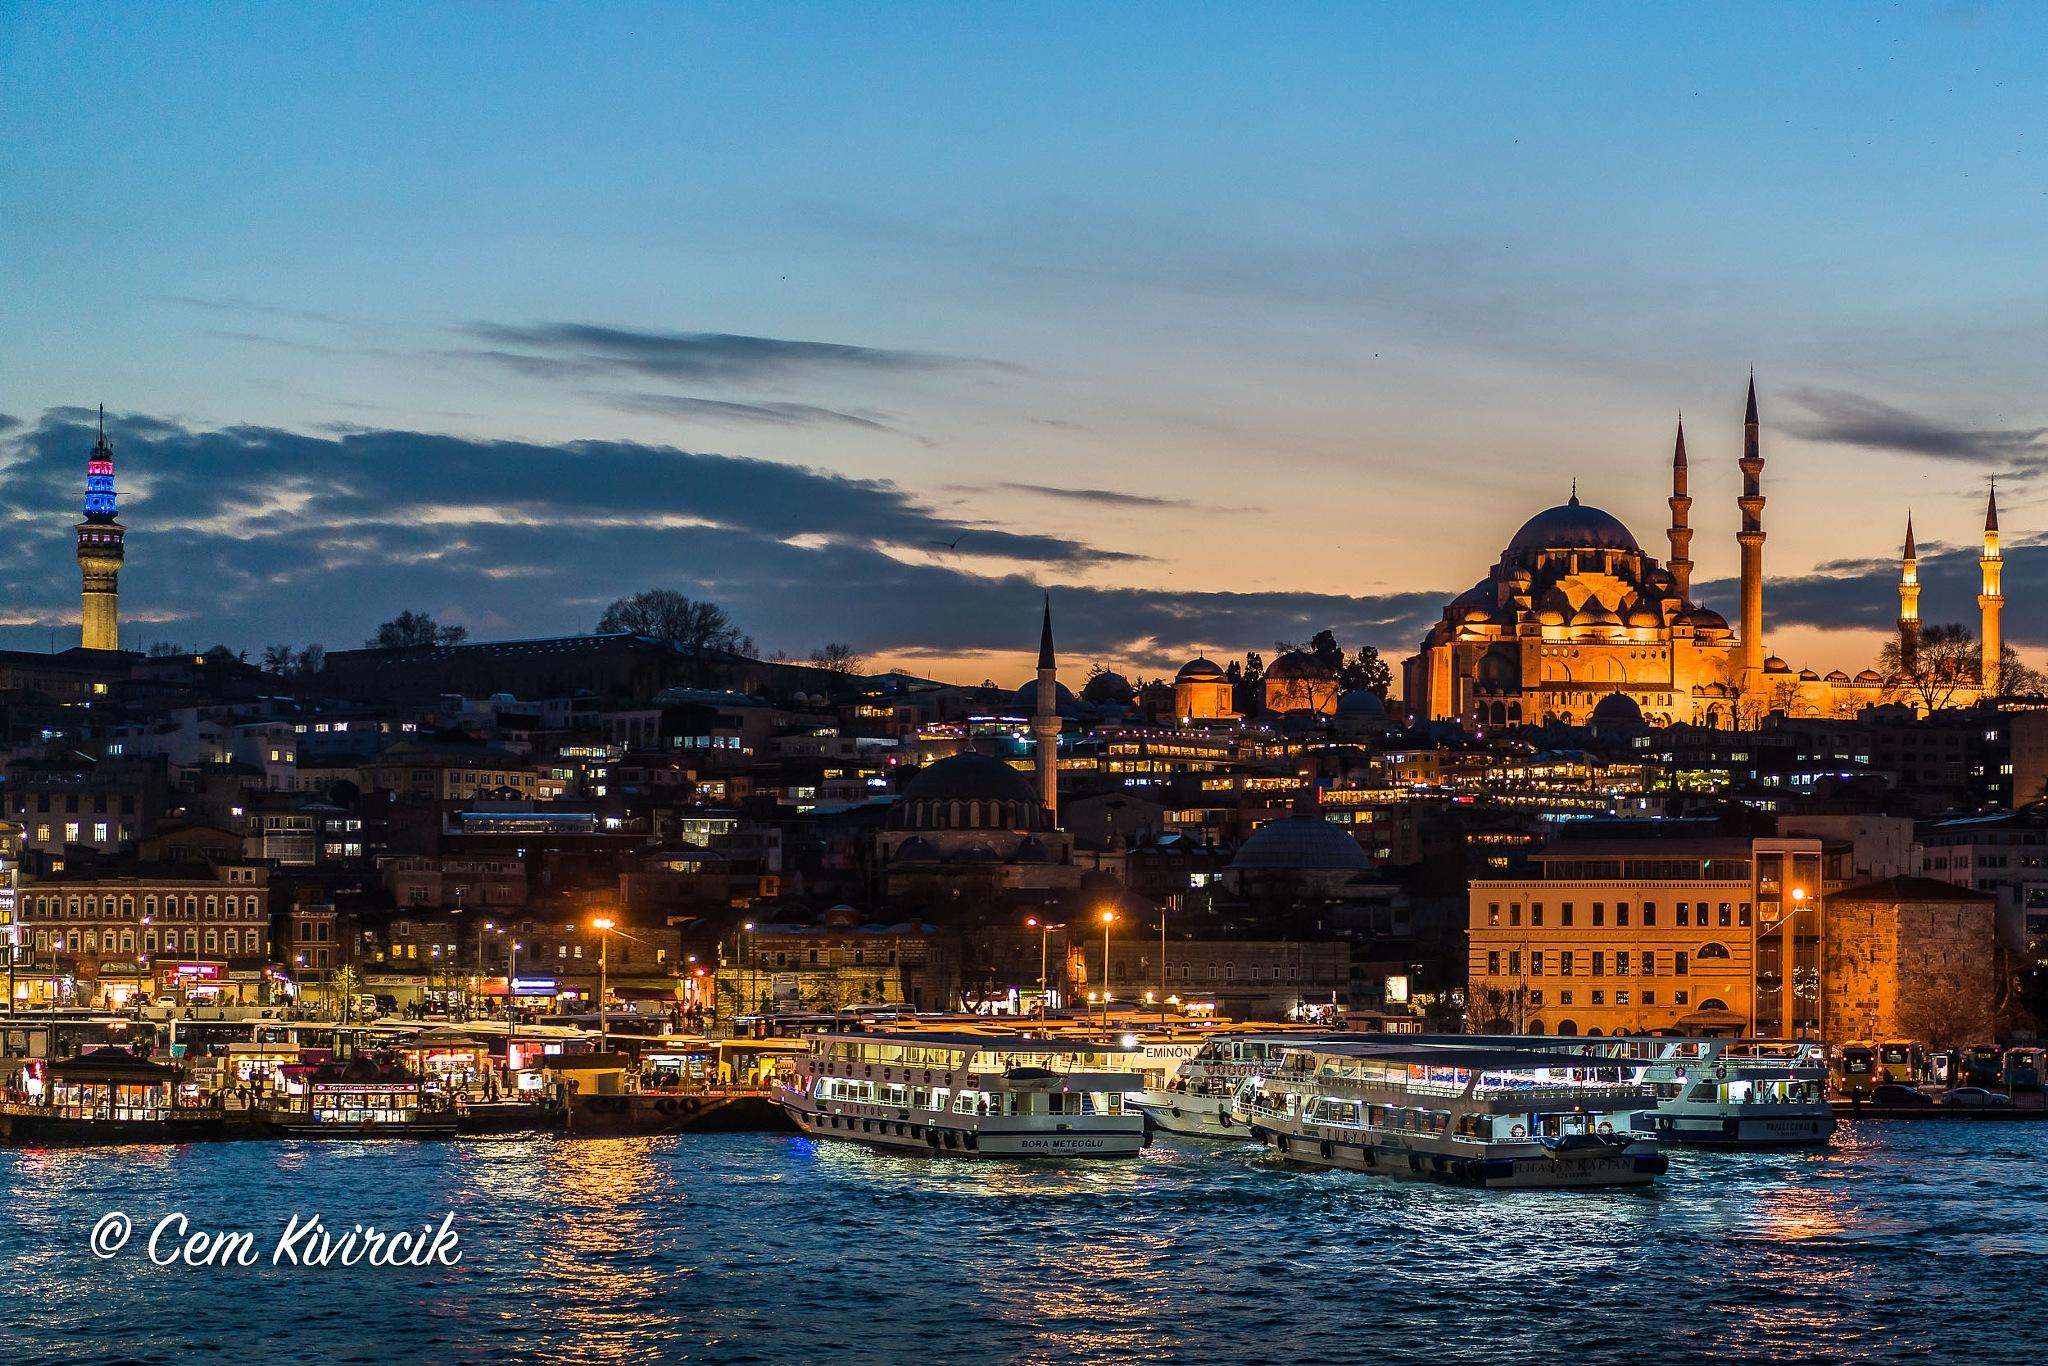 A view to Süleymaniye Mosque by Cem Kivircik